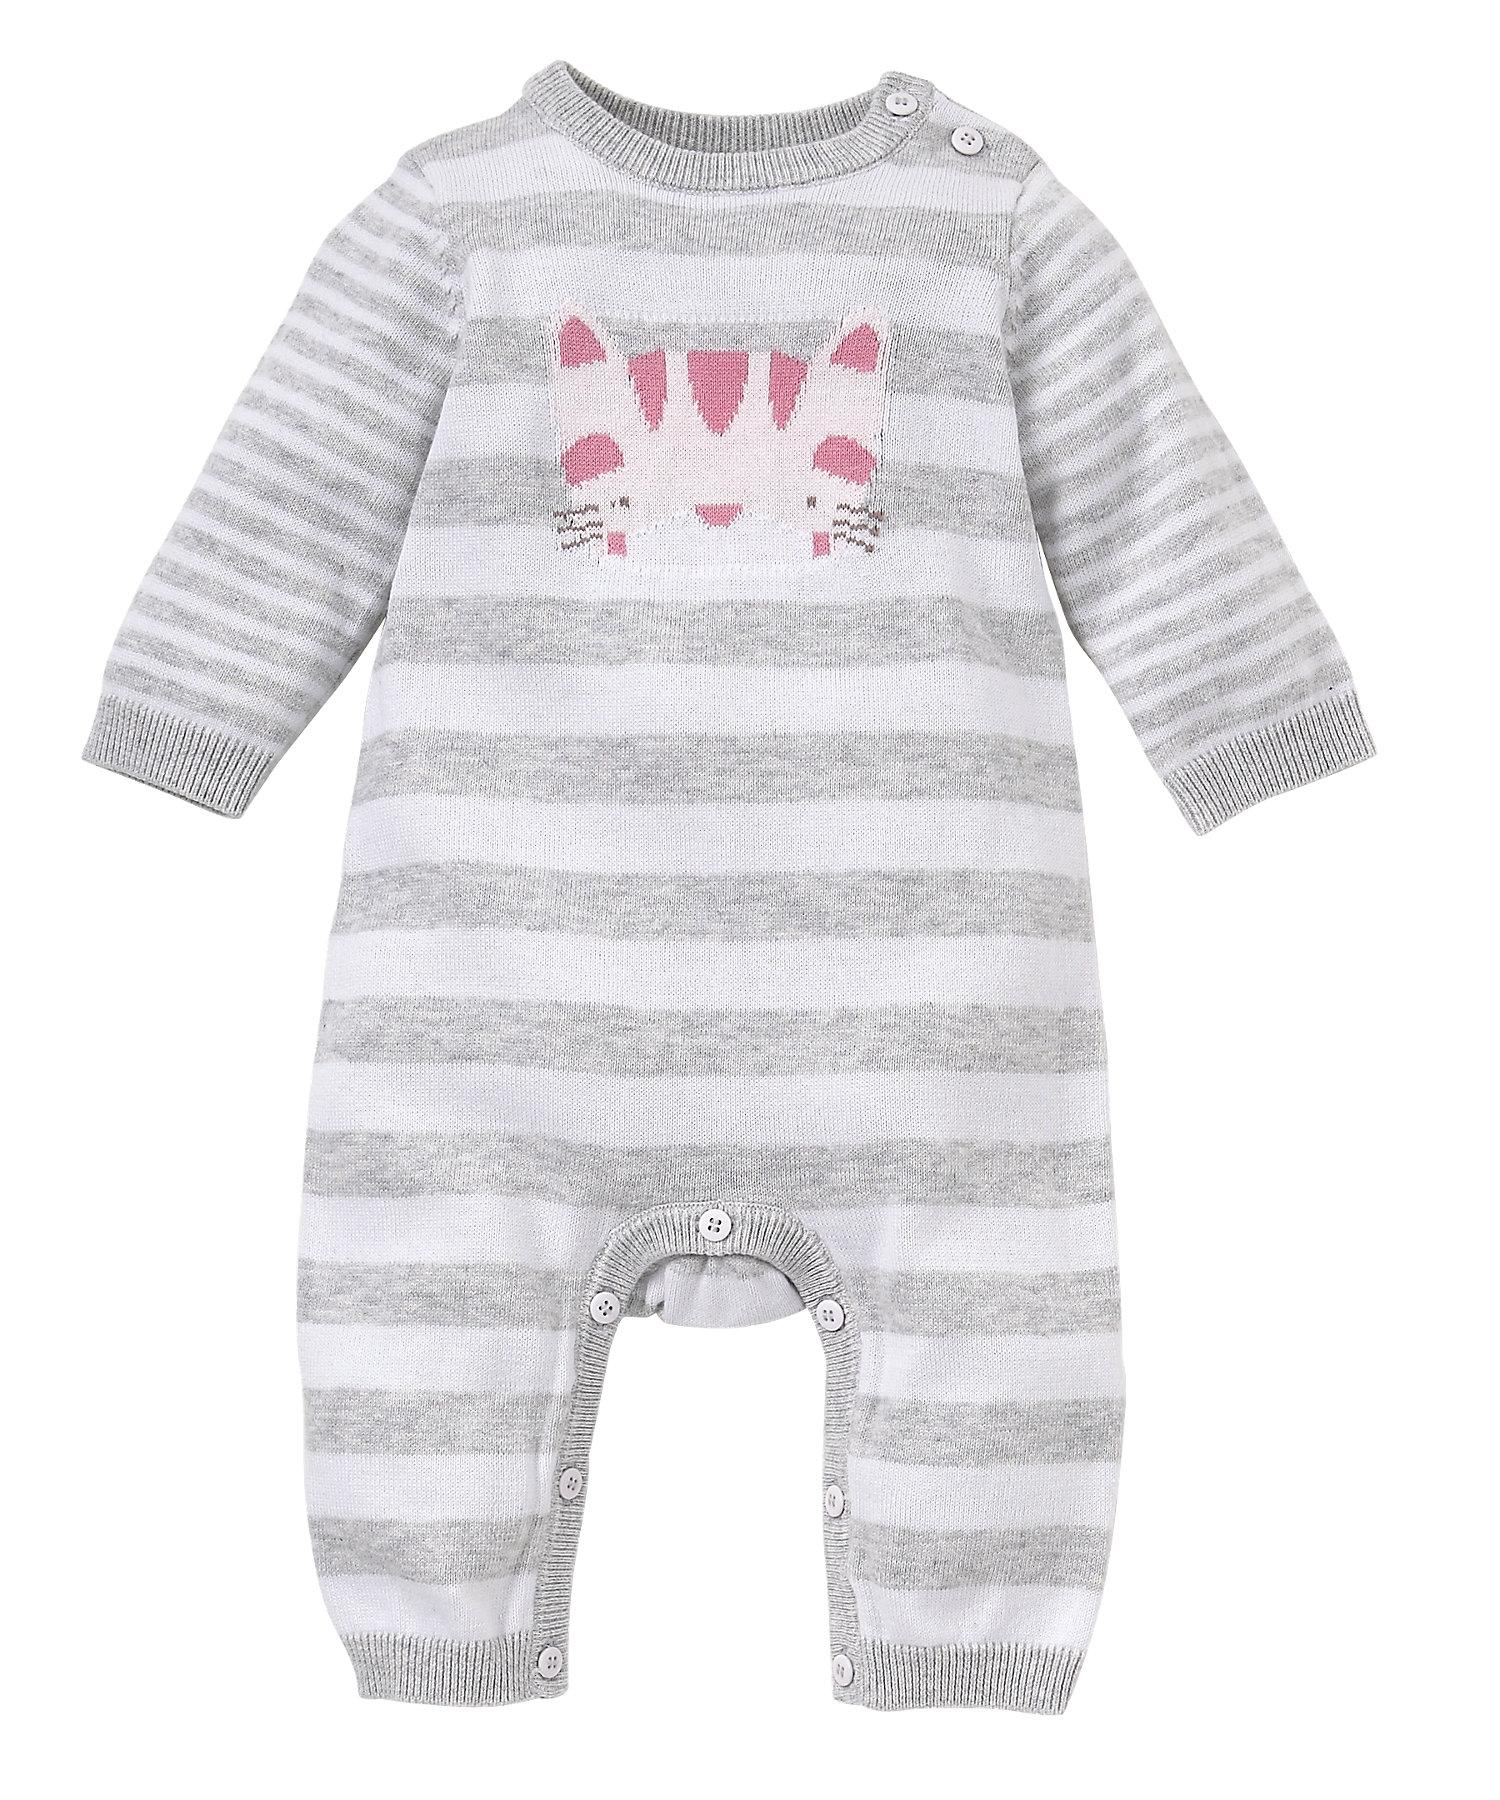 Mothercare | Girls Full Sleeves Romper Cat Design - Grey